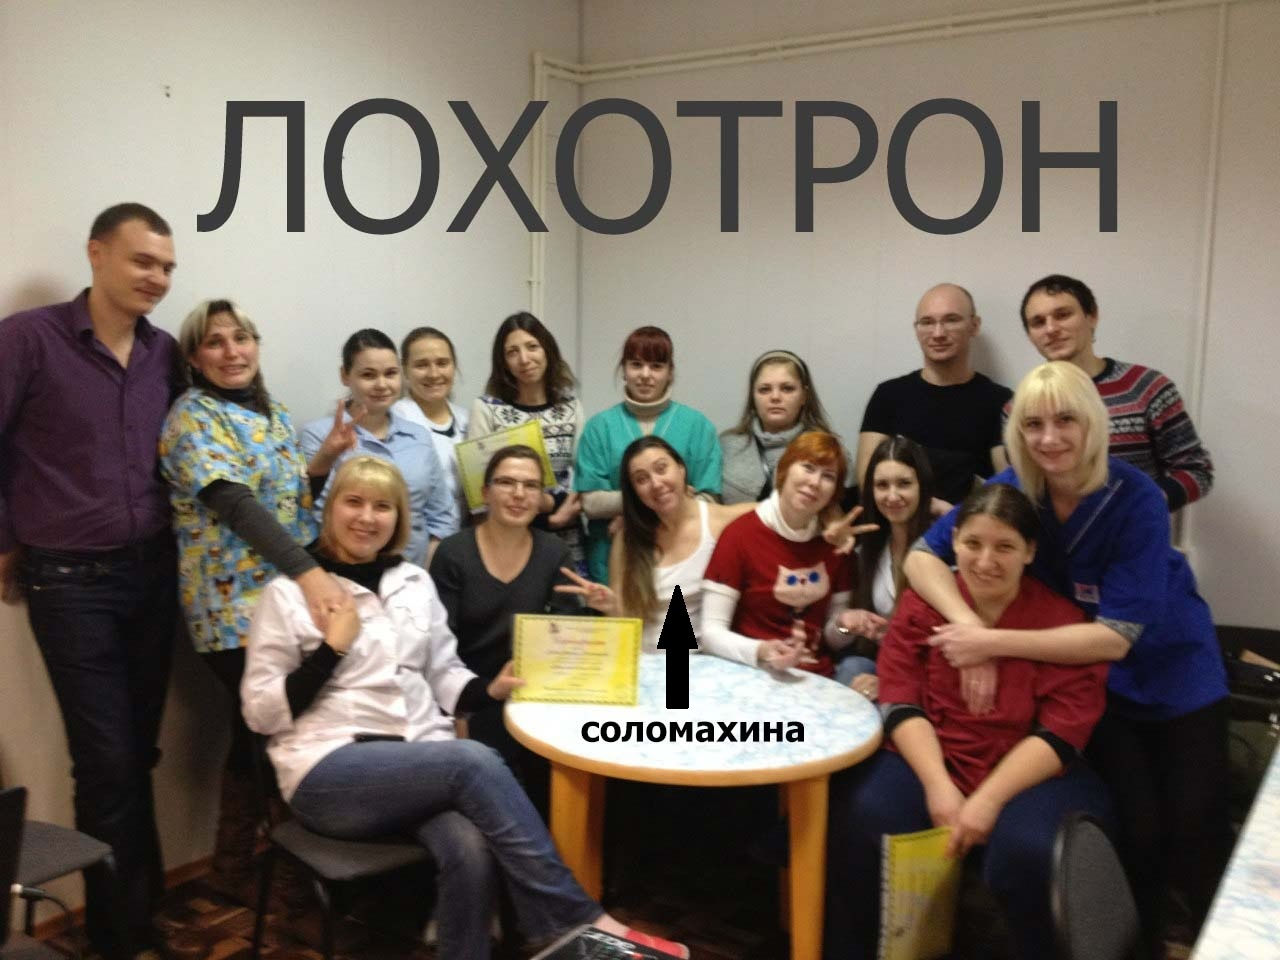 18+ ВЕТЕРИНАРА-ОФТАЛЬМОЛОГА Л.СОЛОМАХИНУ (г.ВОРОНЕЖ)— ОБХОДИТЬ СТОРОНОЙ!!!, изображение №13